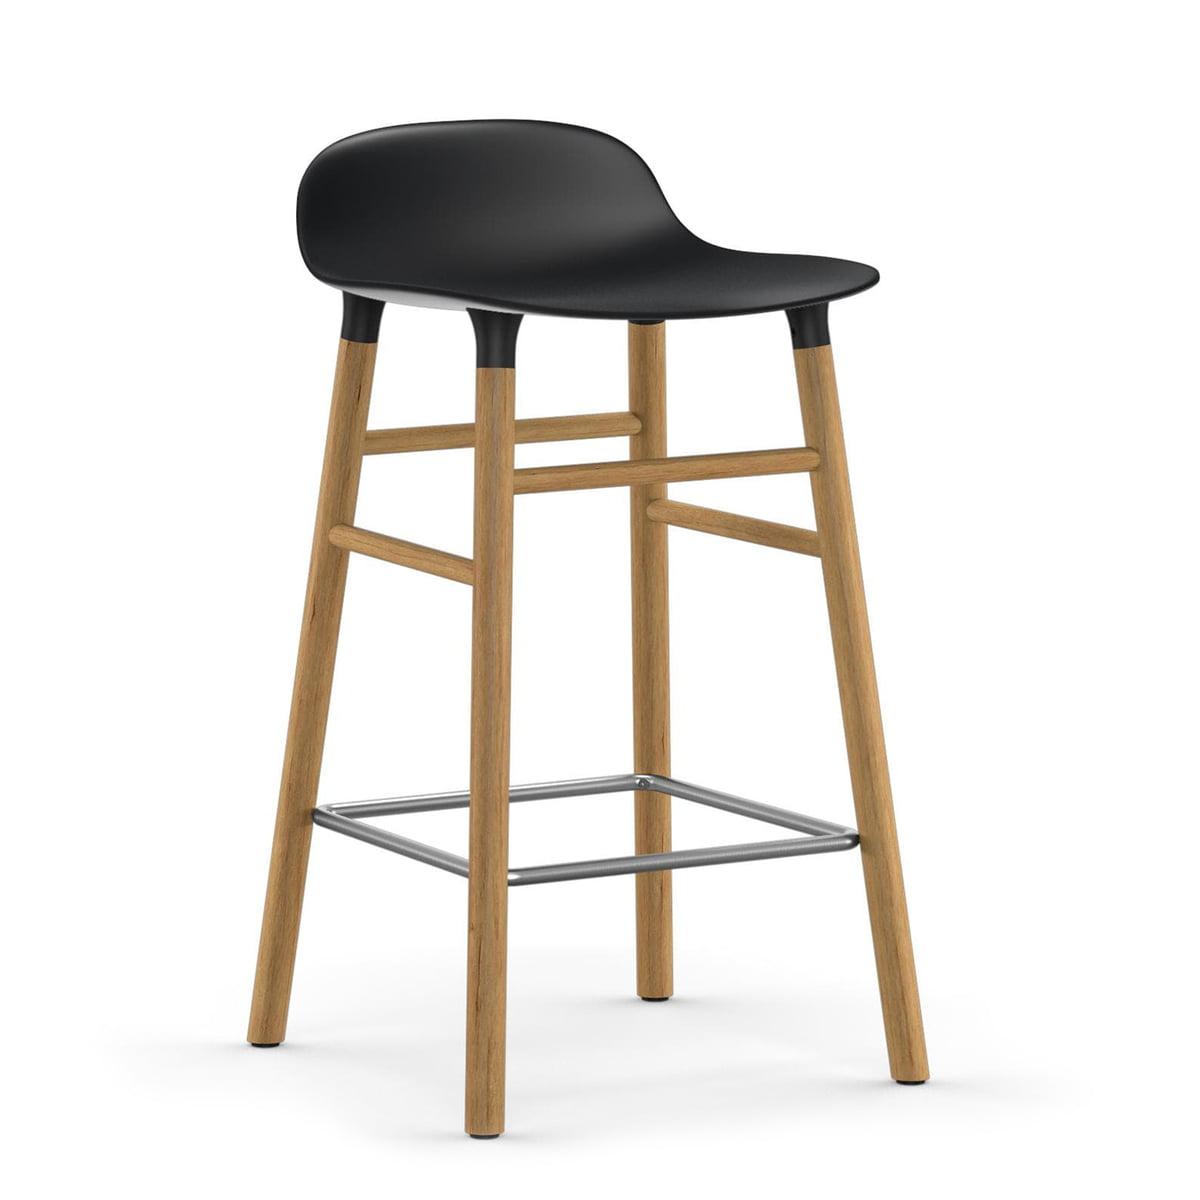 Normann Copenhagen - Form tabouret de bar 65 cm, piètement chêne / noir